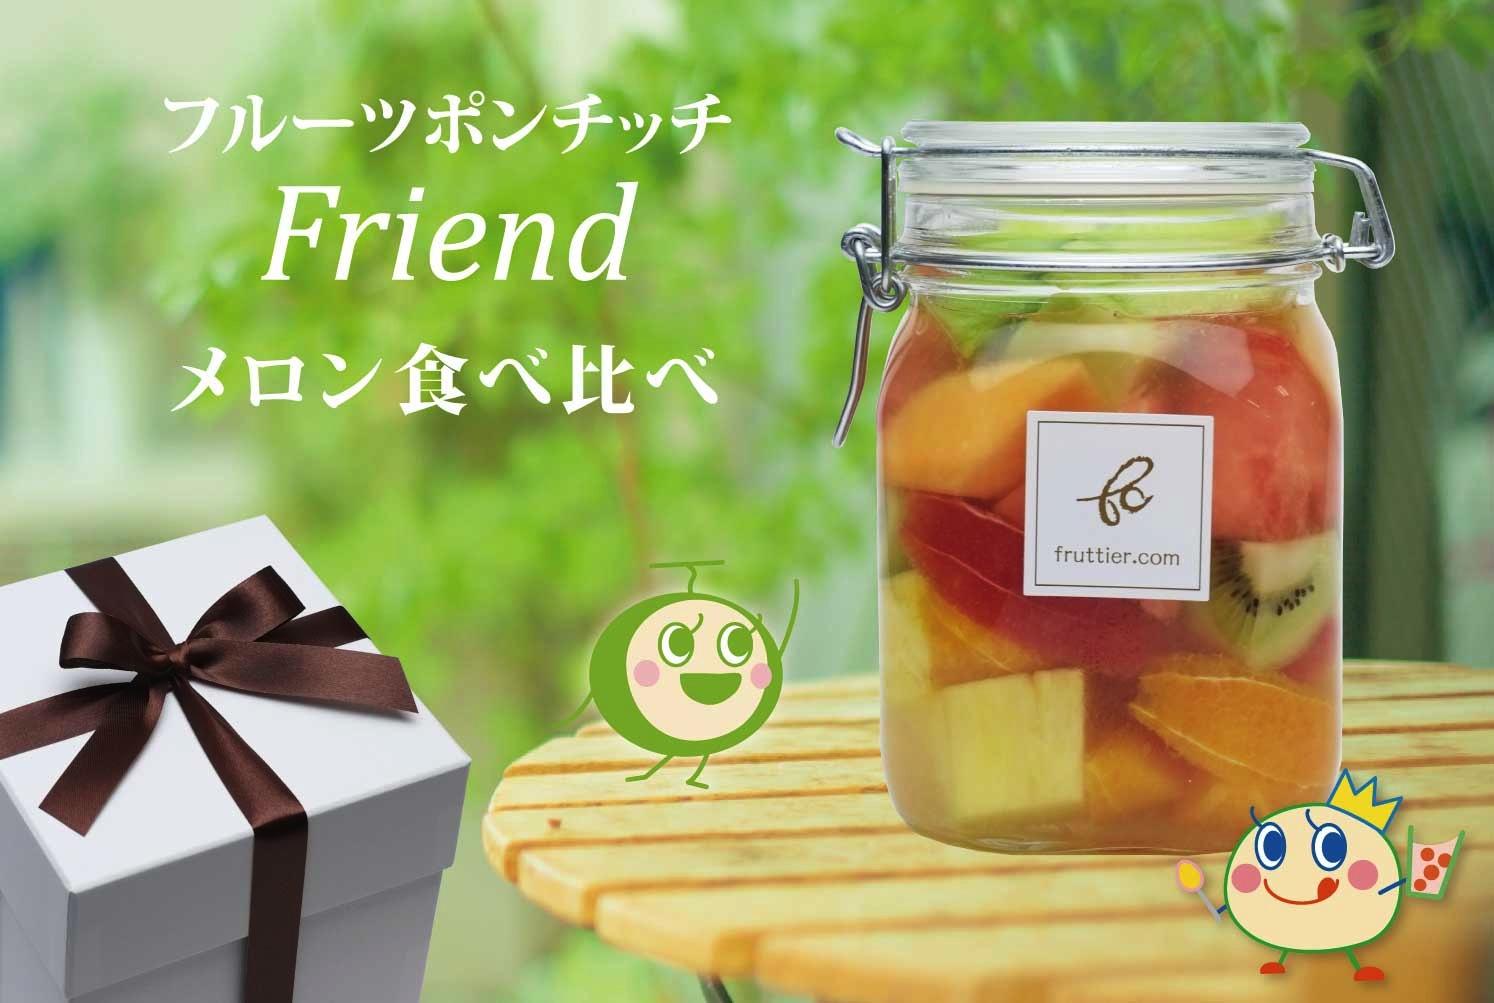 フルーツポンチッチFriend〜メロン食べ比べ